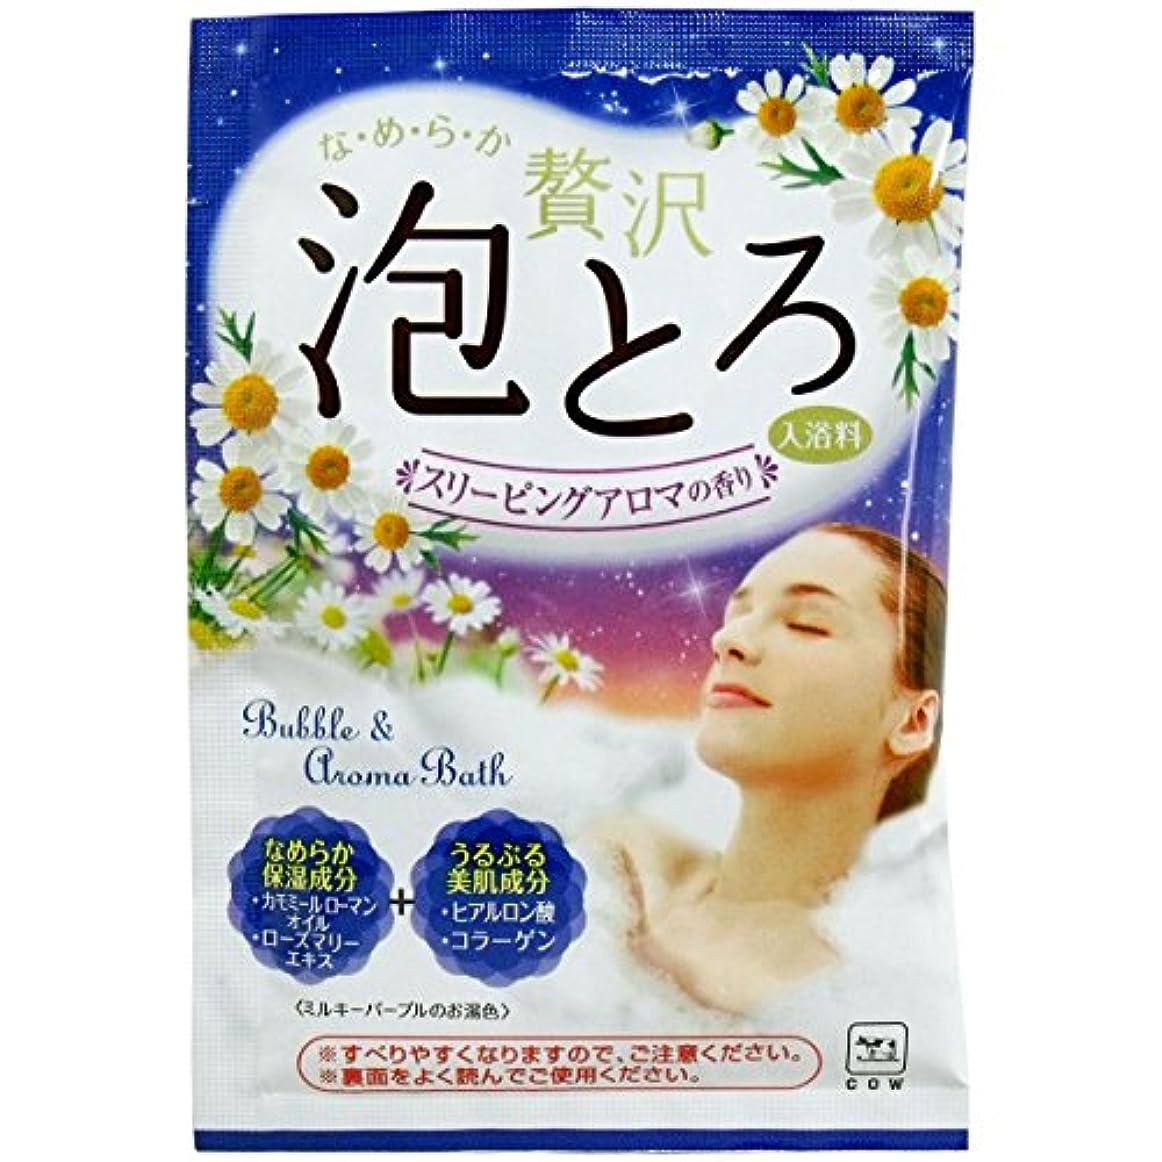 助けになるラベル不名誉な贅沢泡とろ 入浴料 スリーピングアロマの香り 30g 【4点セット】